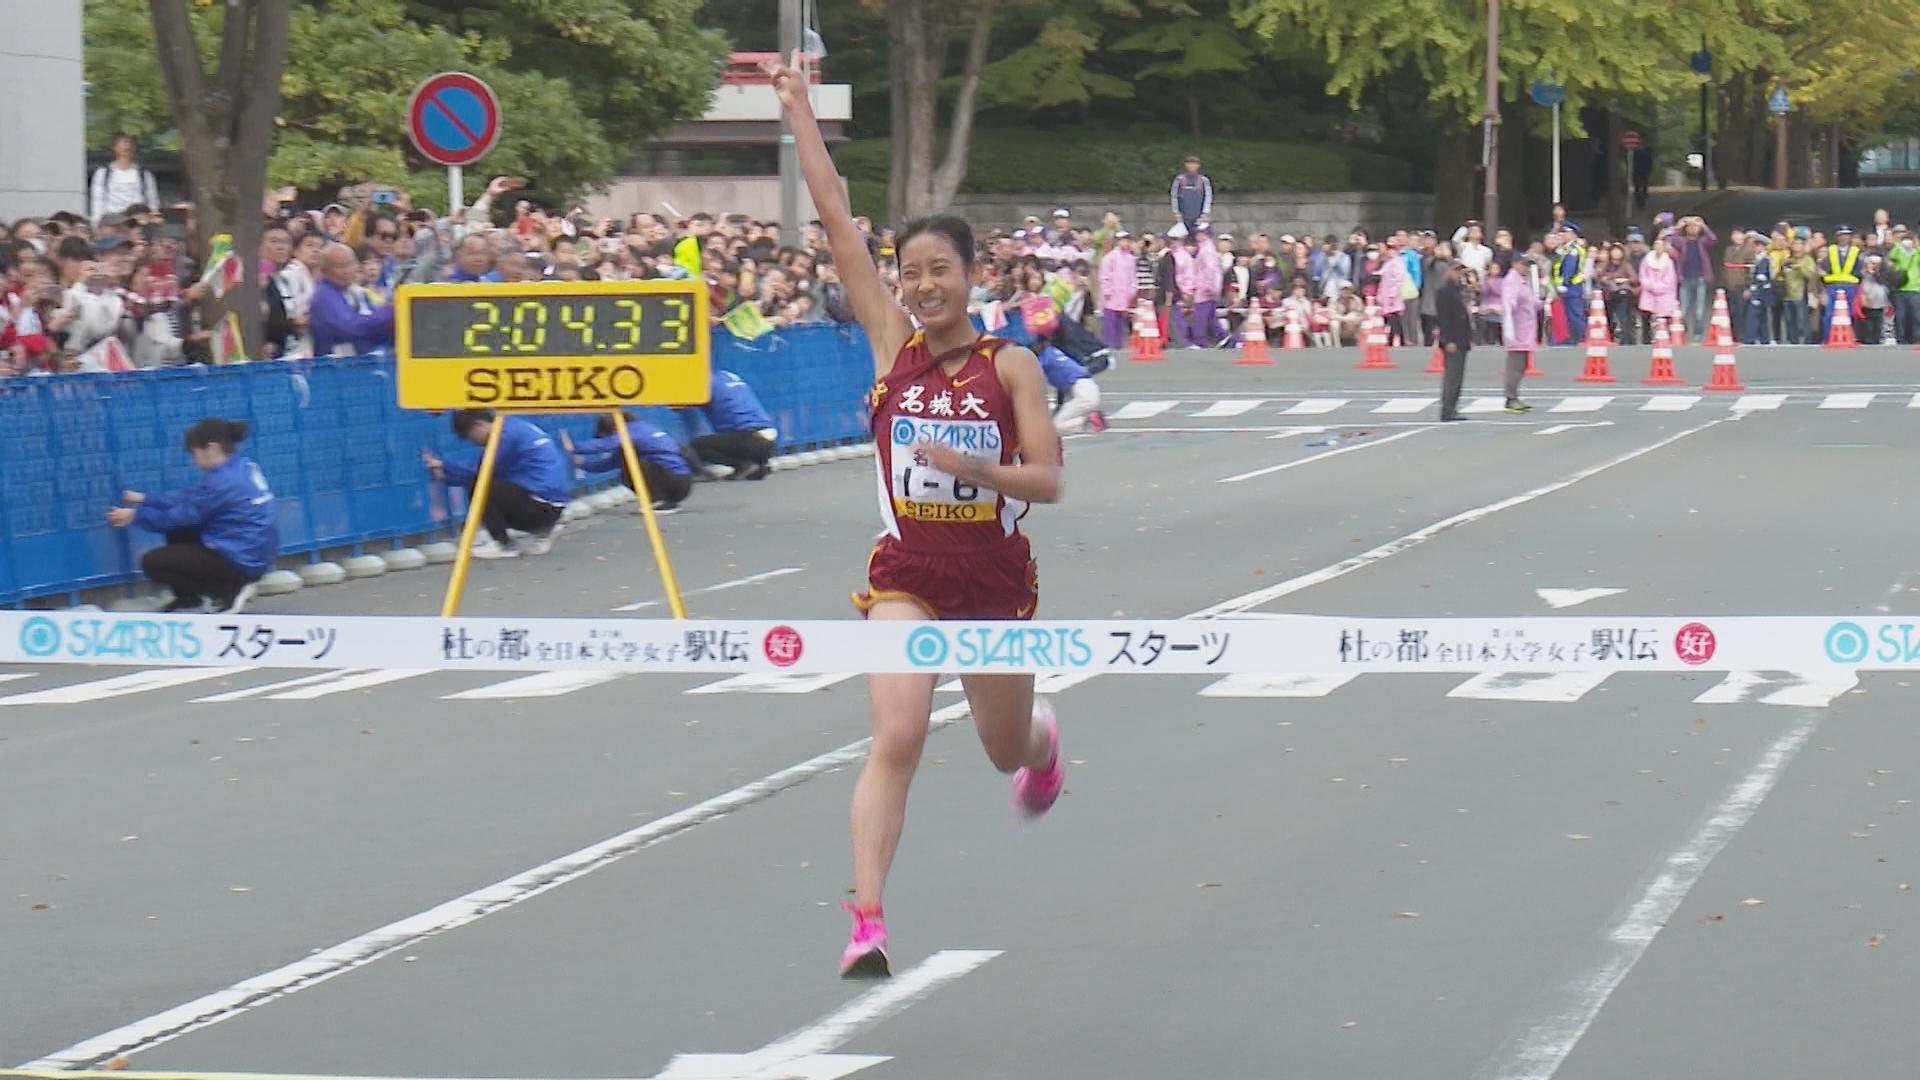 女子 2019 大学 駅伝